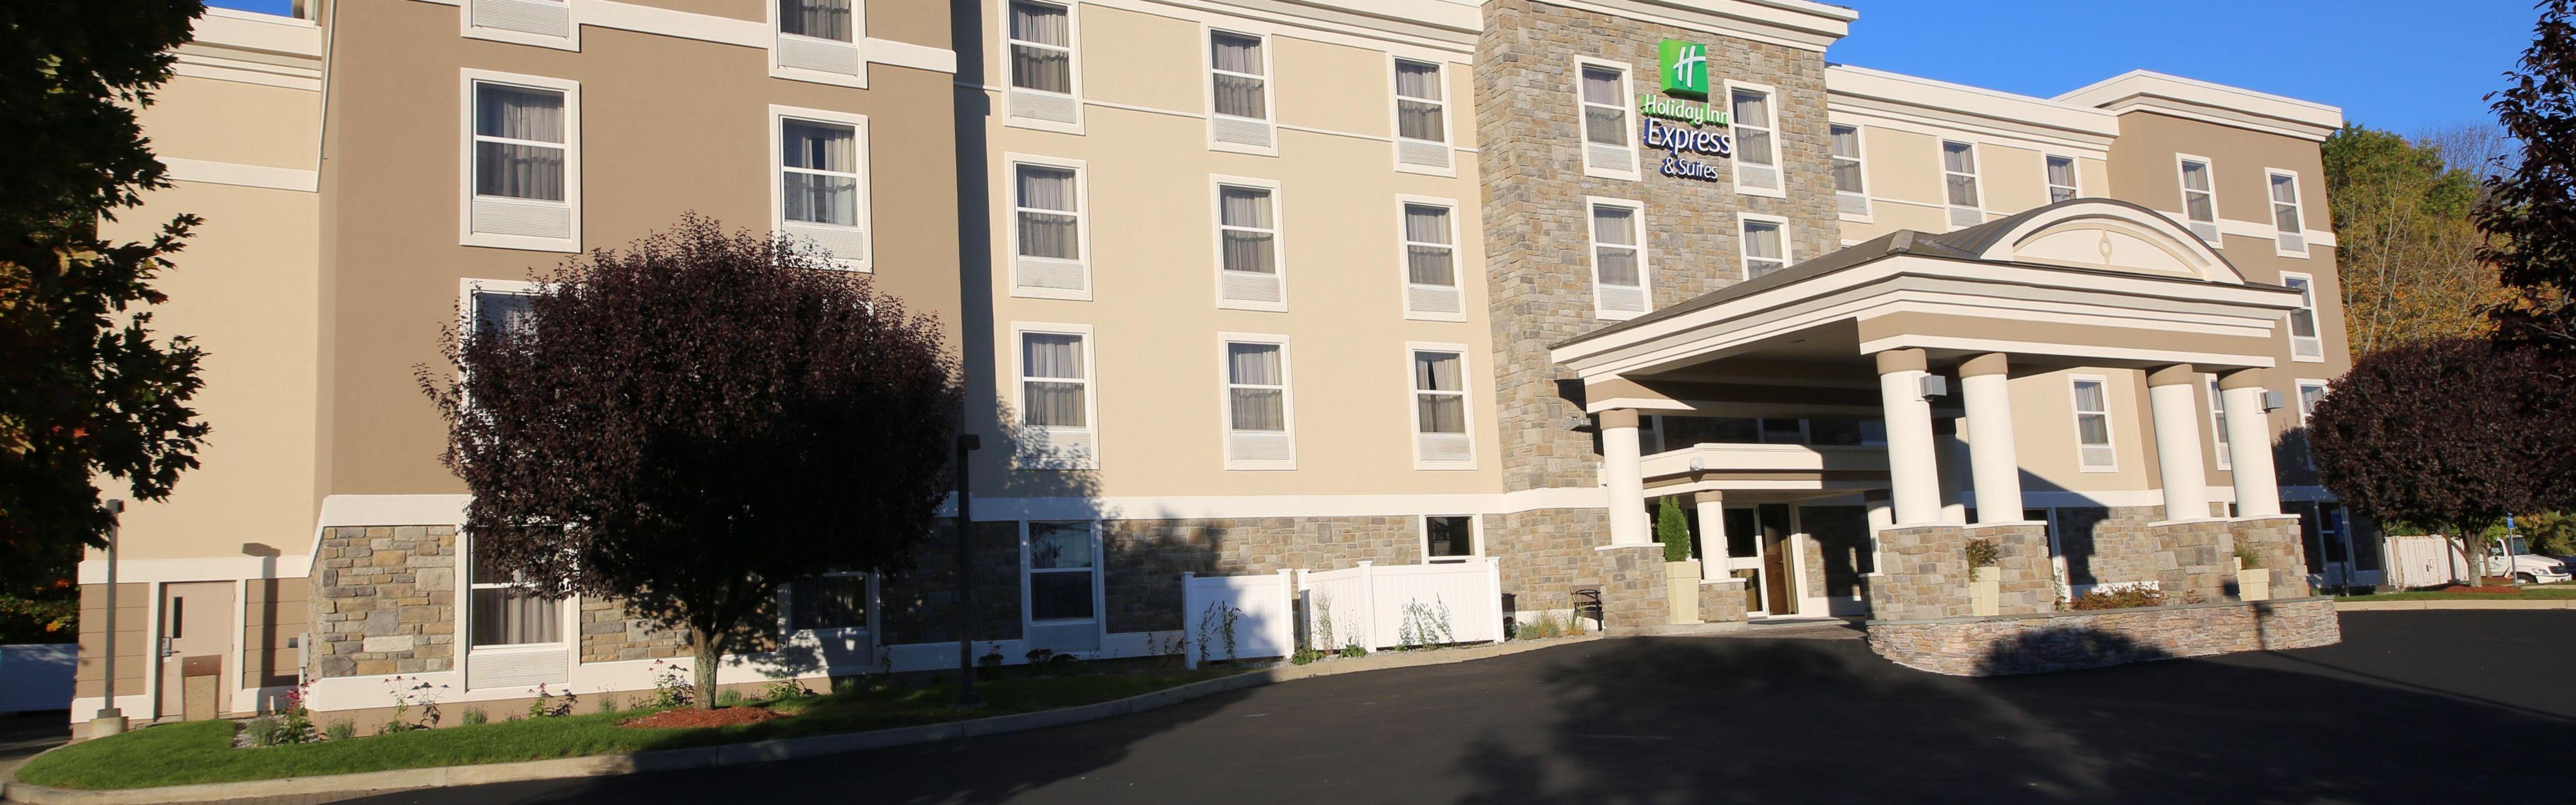 Holiday Inn Express & Suites Danbury - I-84 image 0